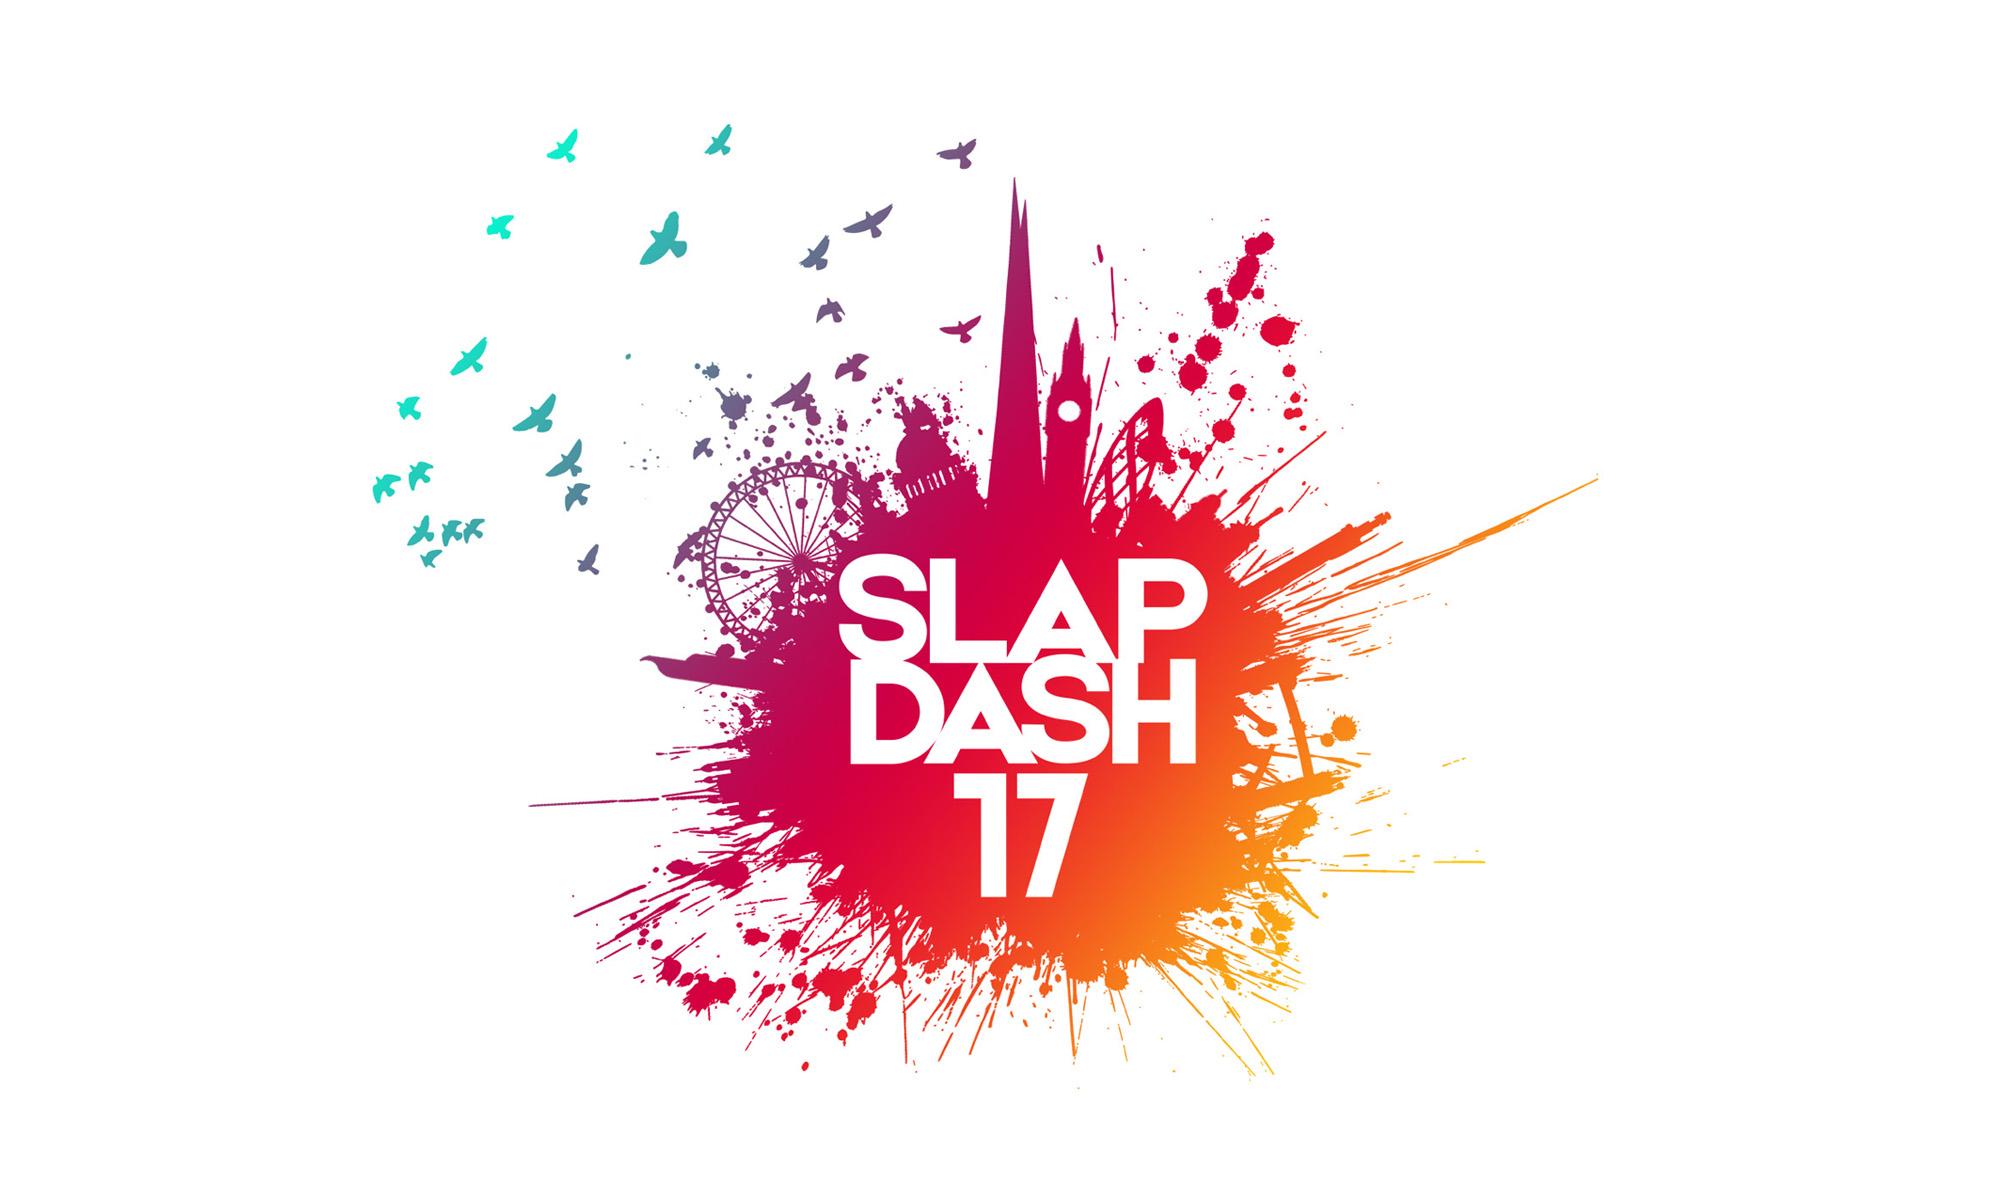 #Slapdash